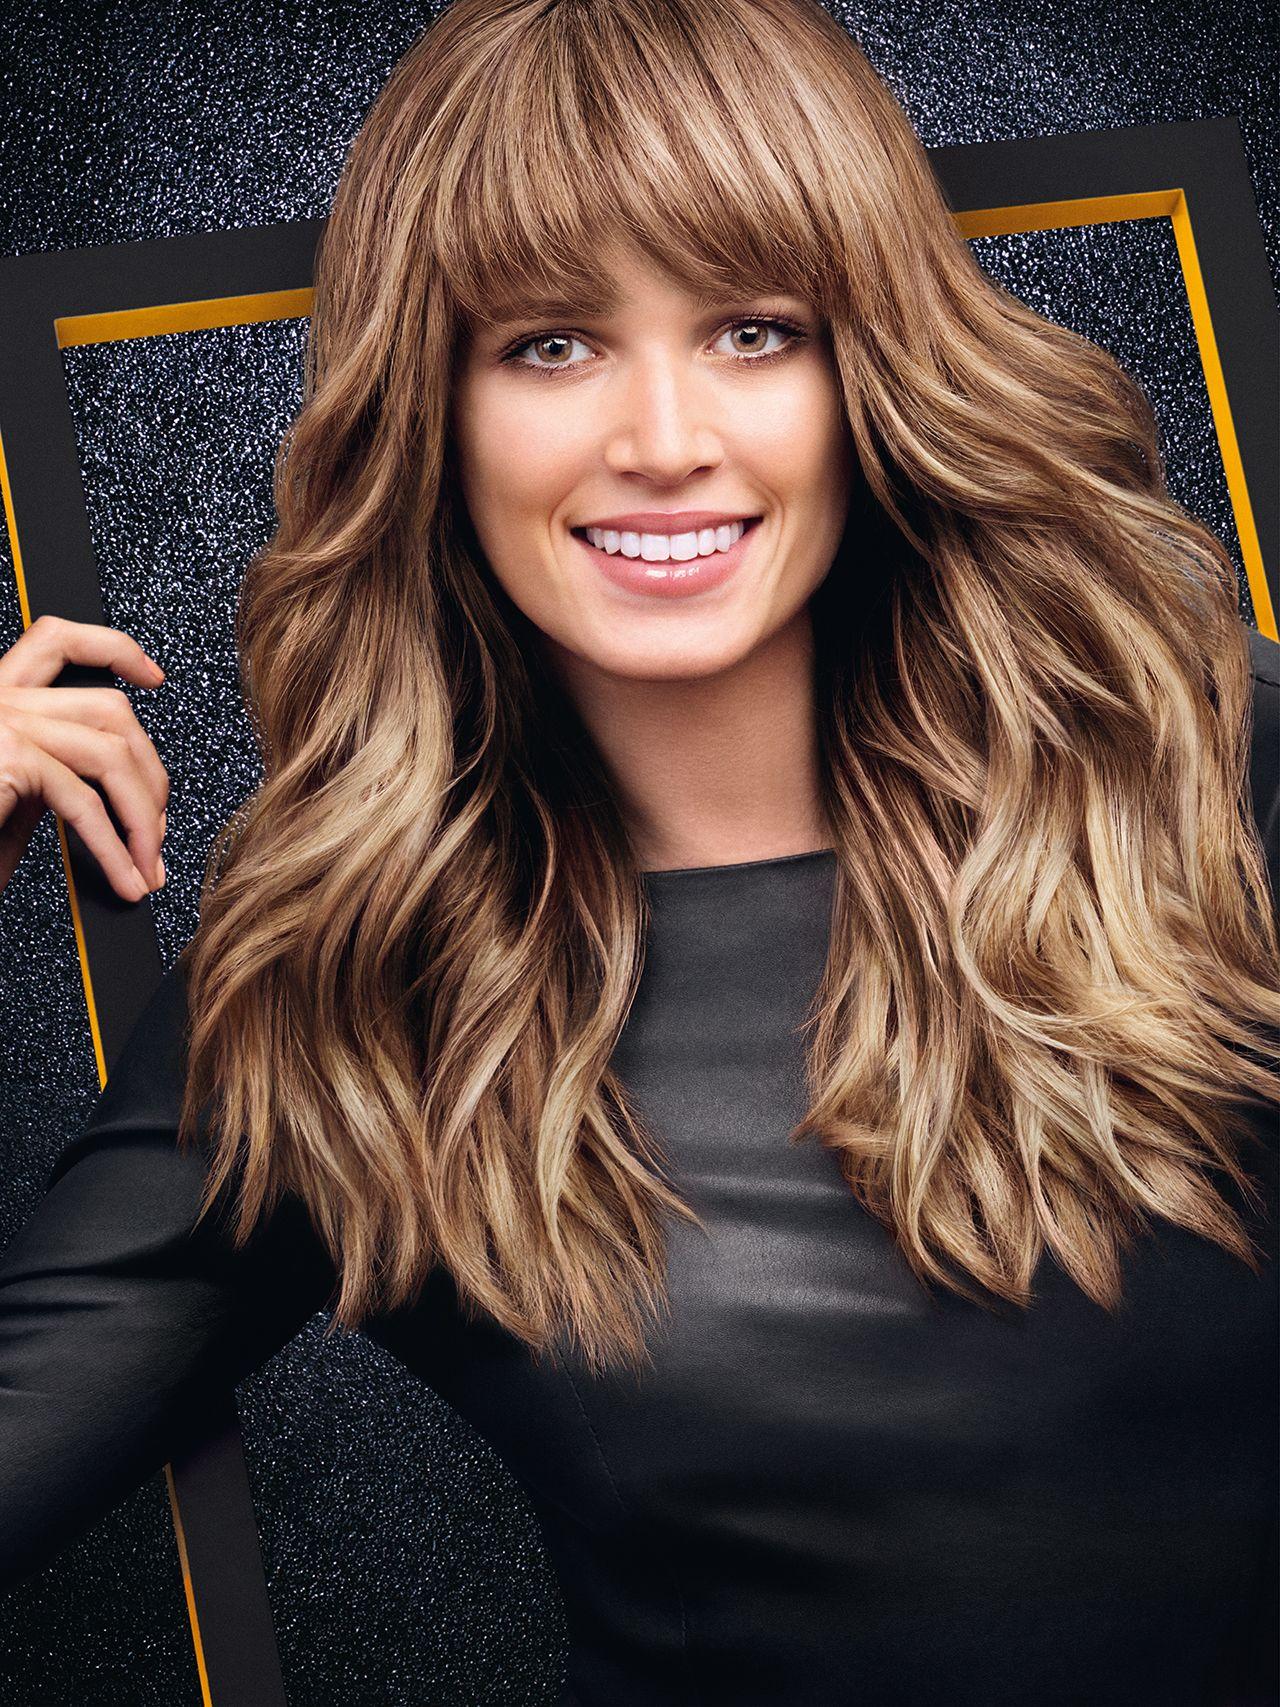 3 cortes de cabello para lucir en otoo Pinterest Corte de